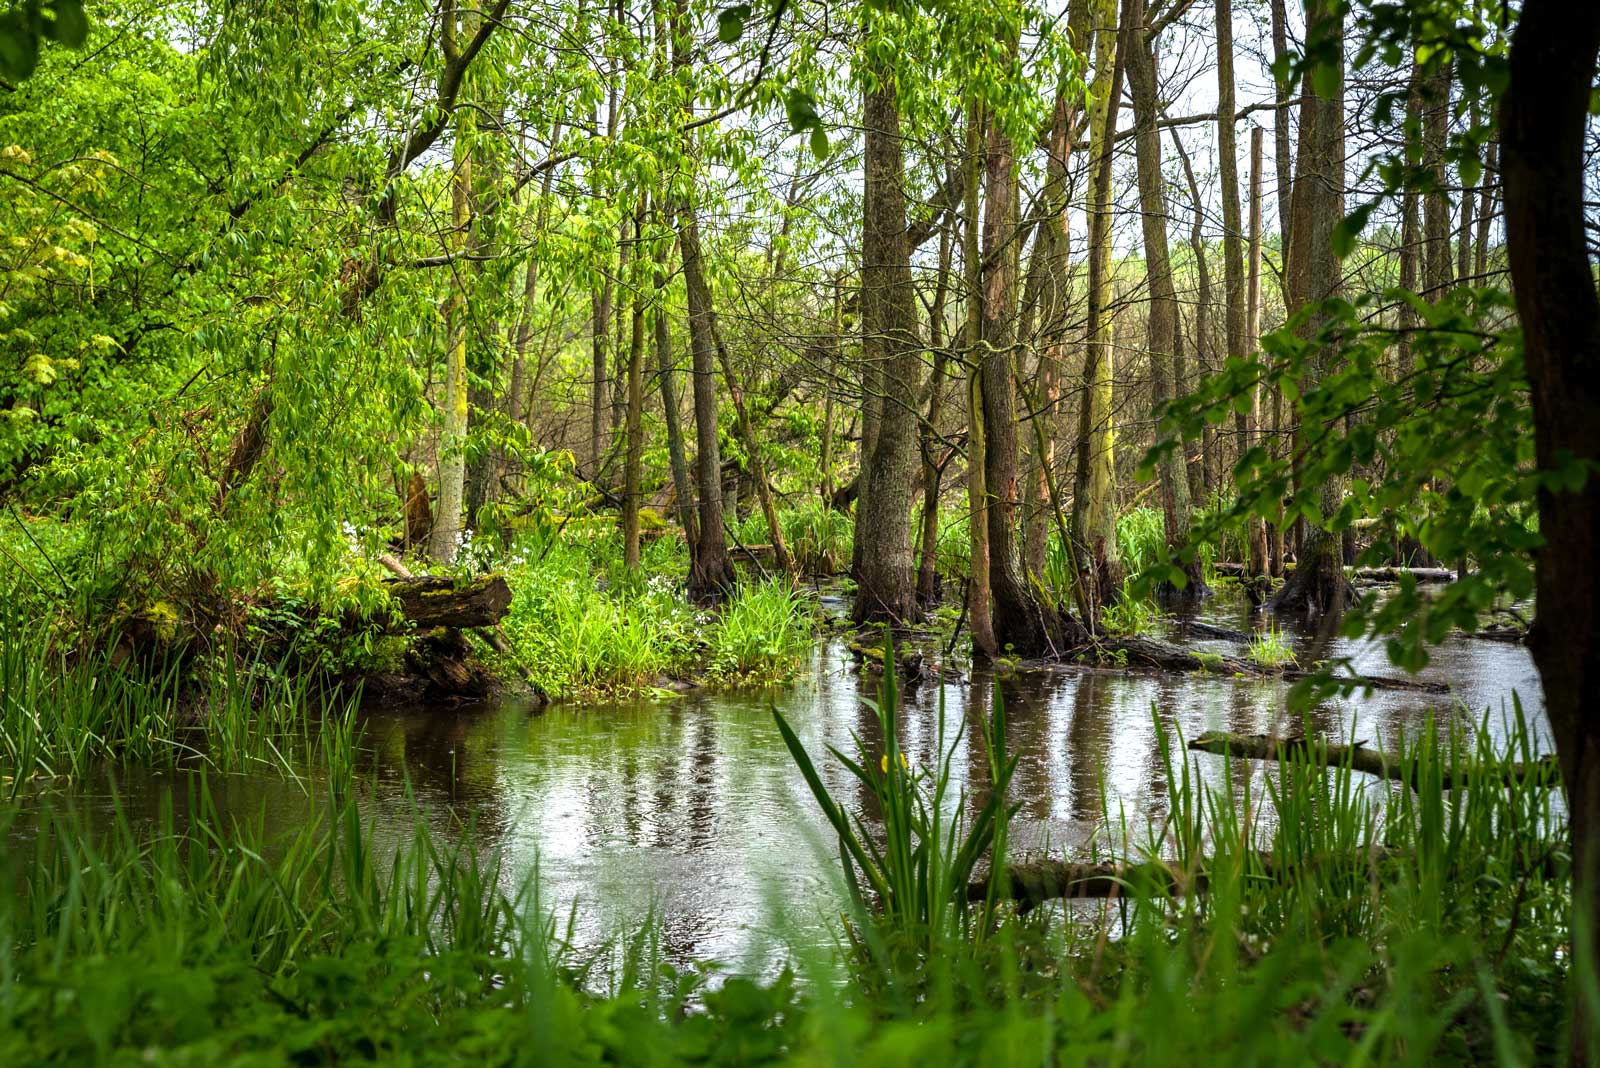 Zdjęcie współczesne. Widok na dziki, zalany przez jezioro leśny teren. Fotografię wykonano z żabiej perspektywy. Na pierwszym planie widać intensywnie zieloną trawę na brzegu, następnie widać wąski pas jeziora, który wciął się w brzeg. W jeziorze zanurzone są pnie drzew, które wpadły do wody. Na drugim brzegu znajdują się wywrócone konary drzew oraz drzewa stojące. Wszystkie drzewa są liściaste i intensywnie zielone.